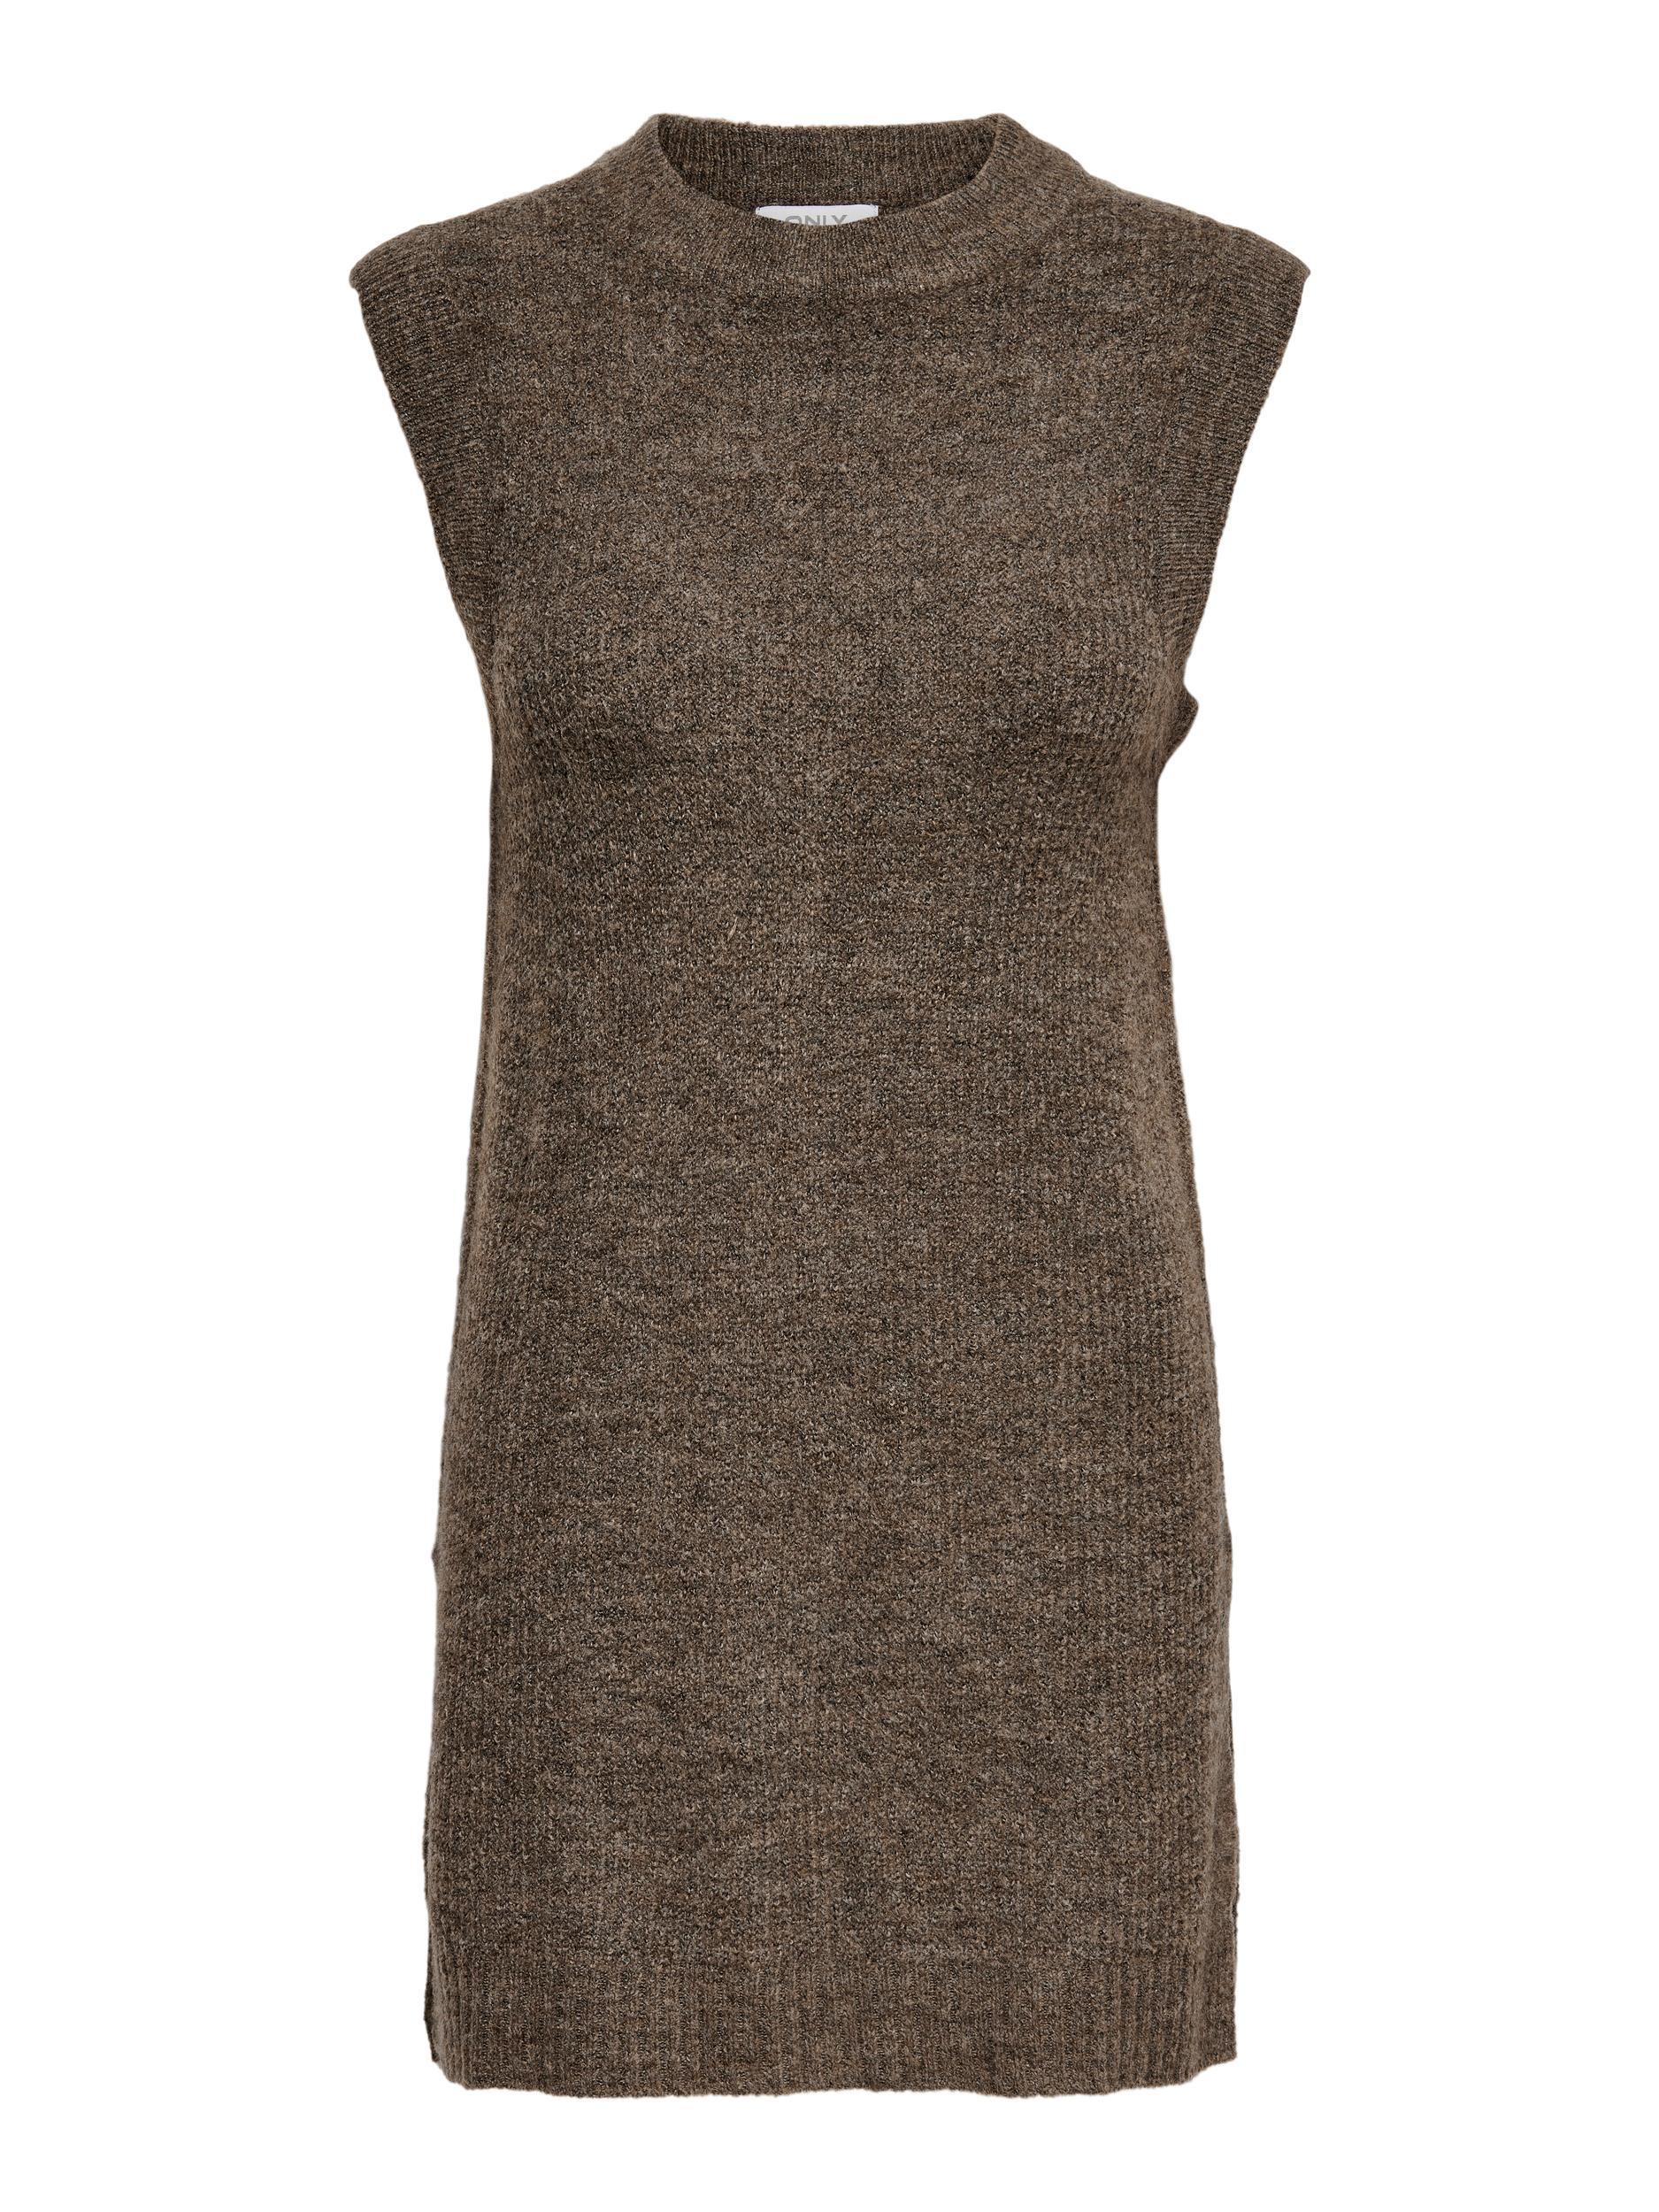 ONLY Karinna lang vest, chestnut, M